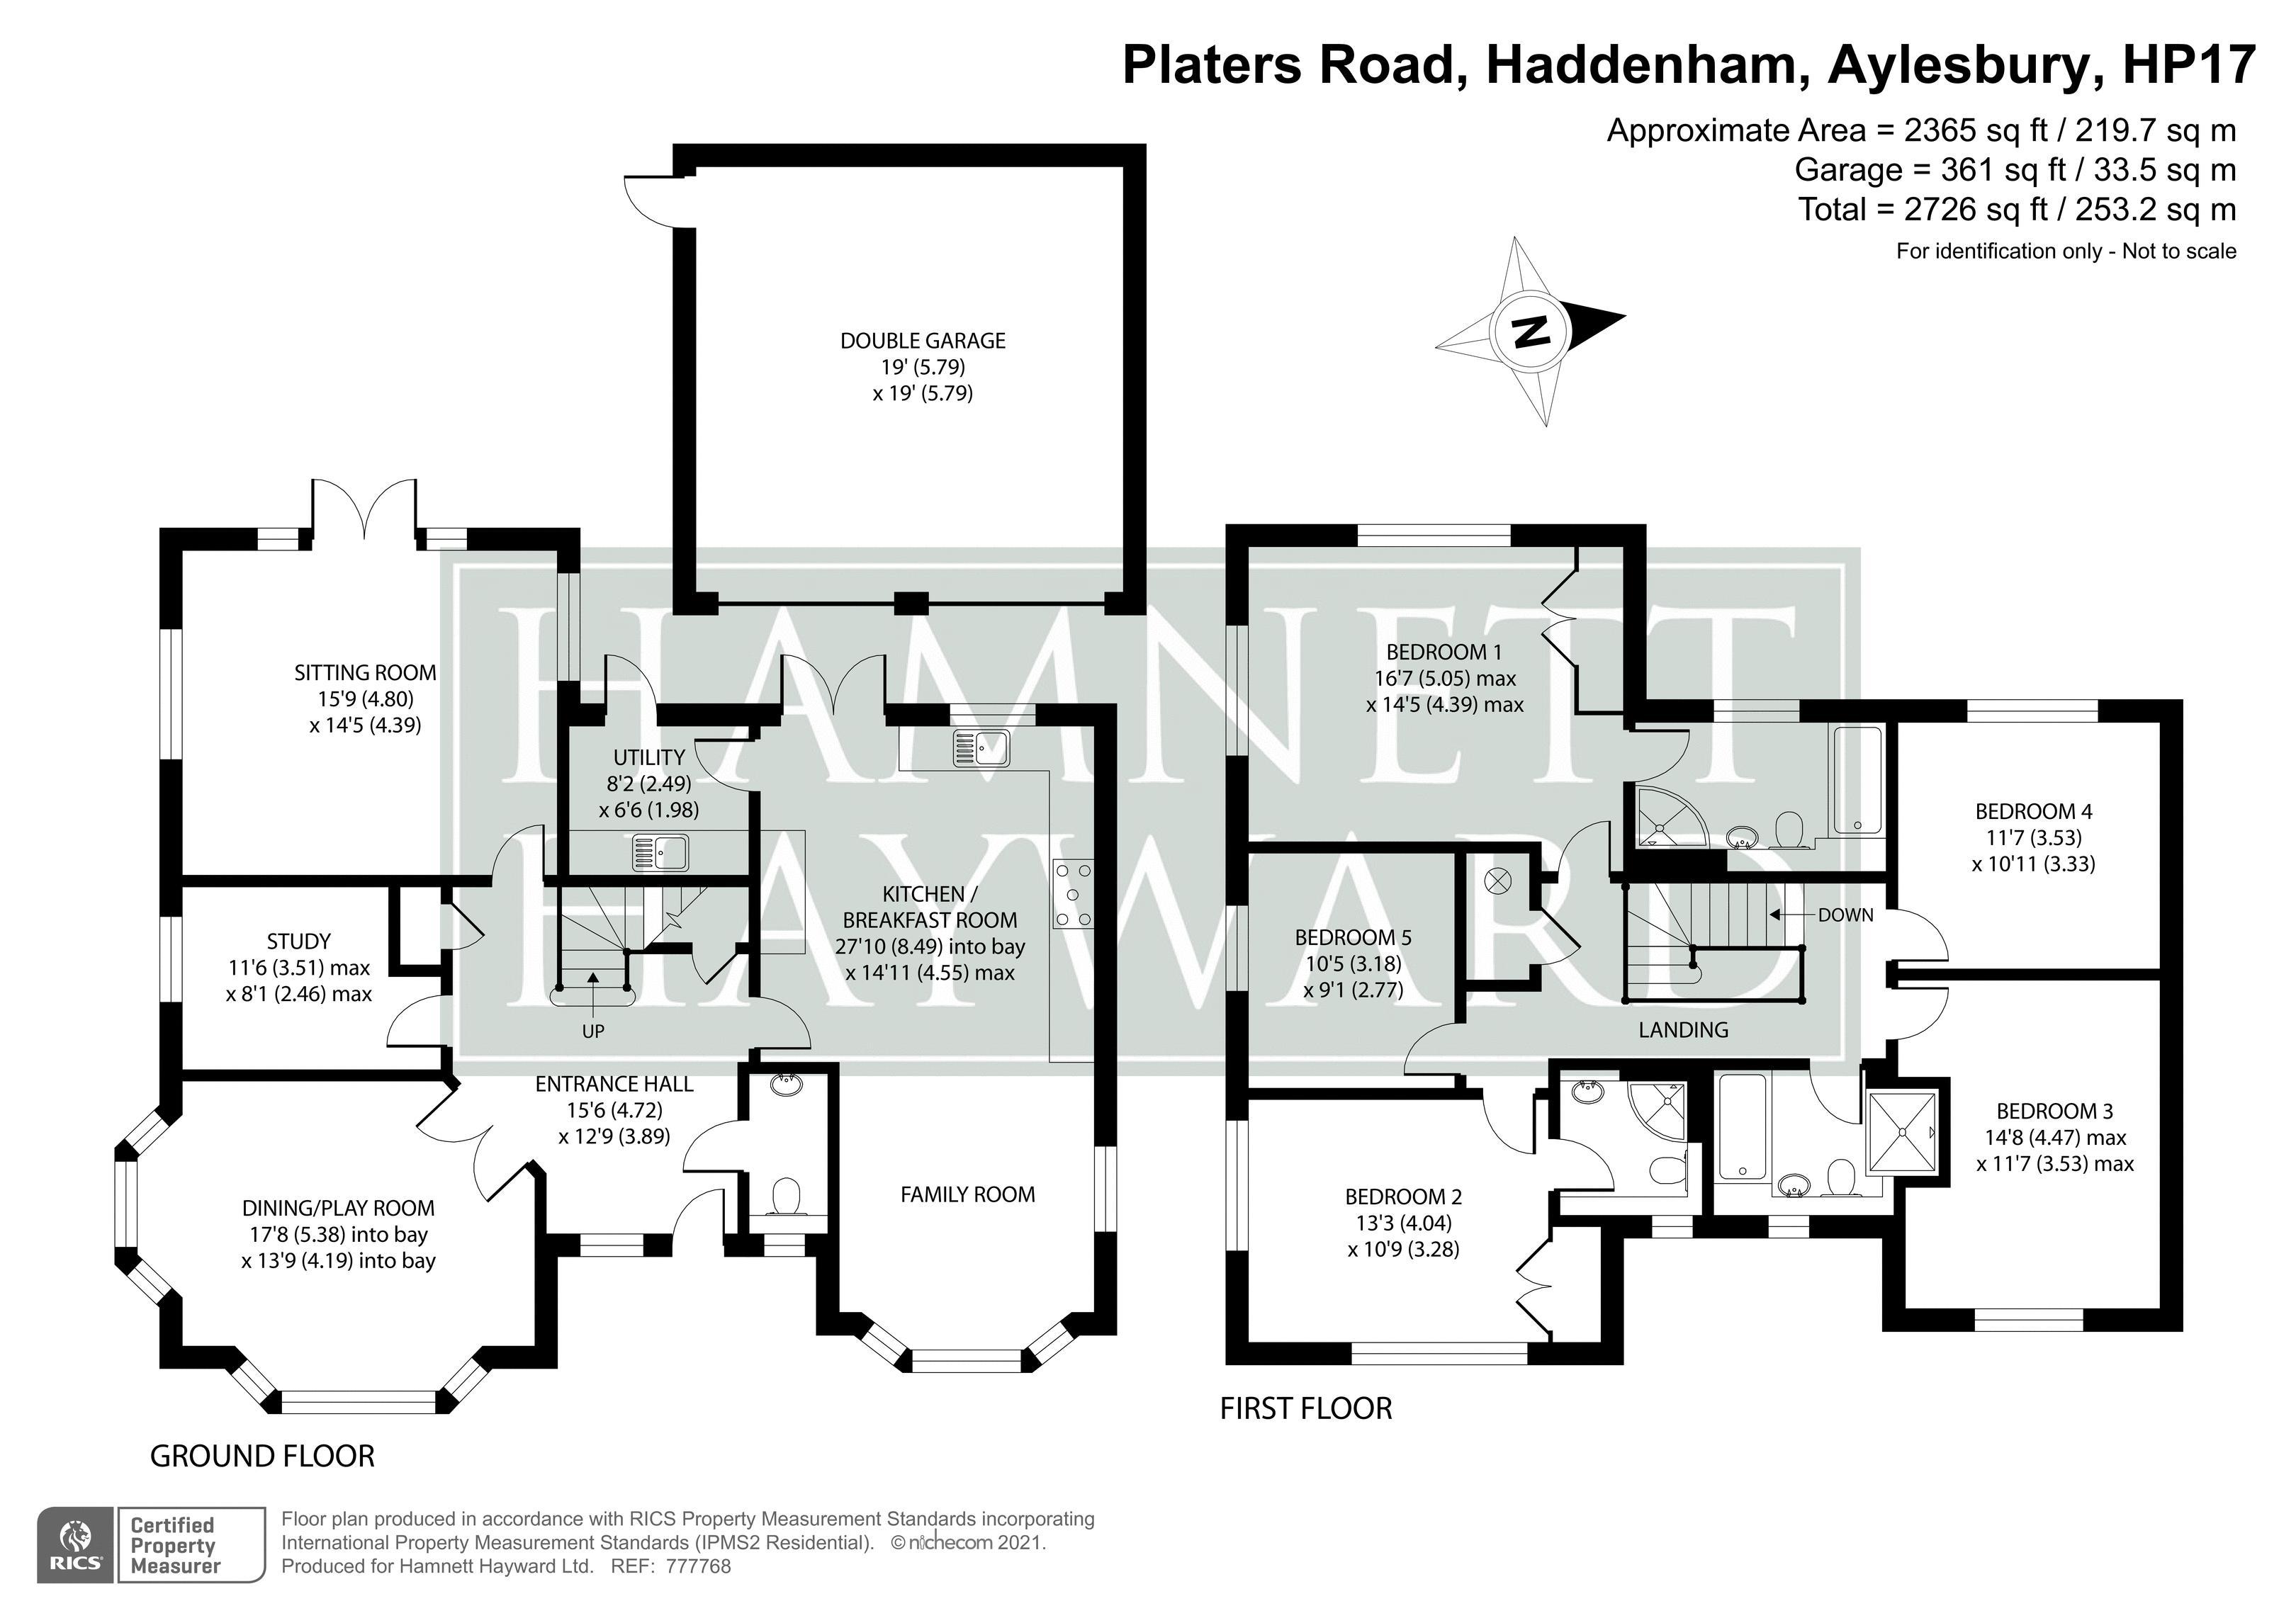 Platers Road Haddenham